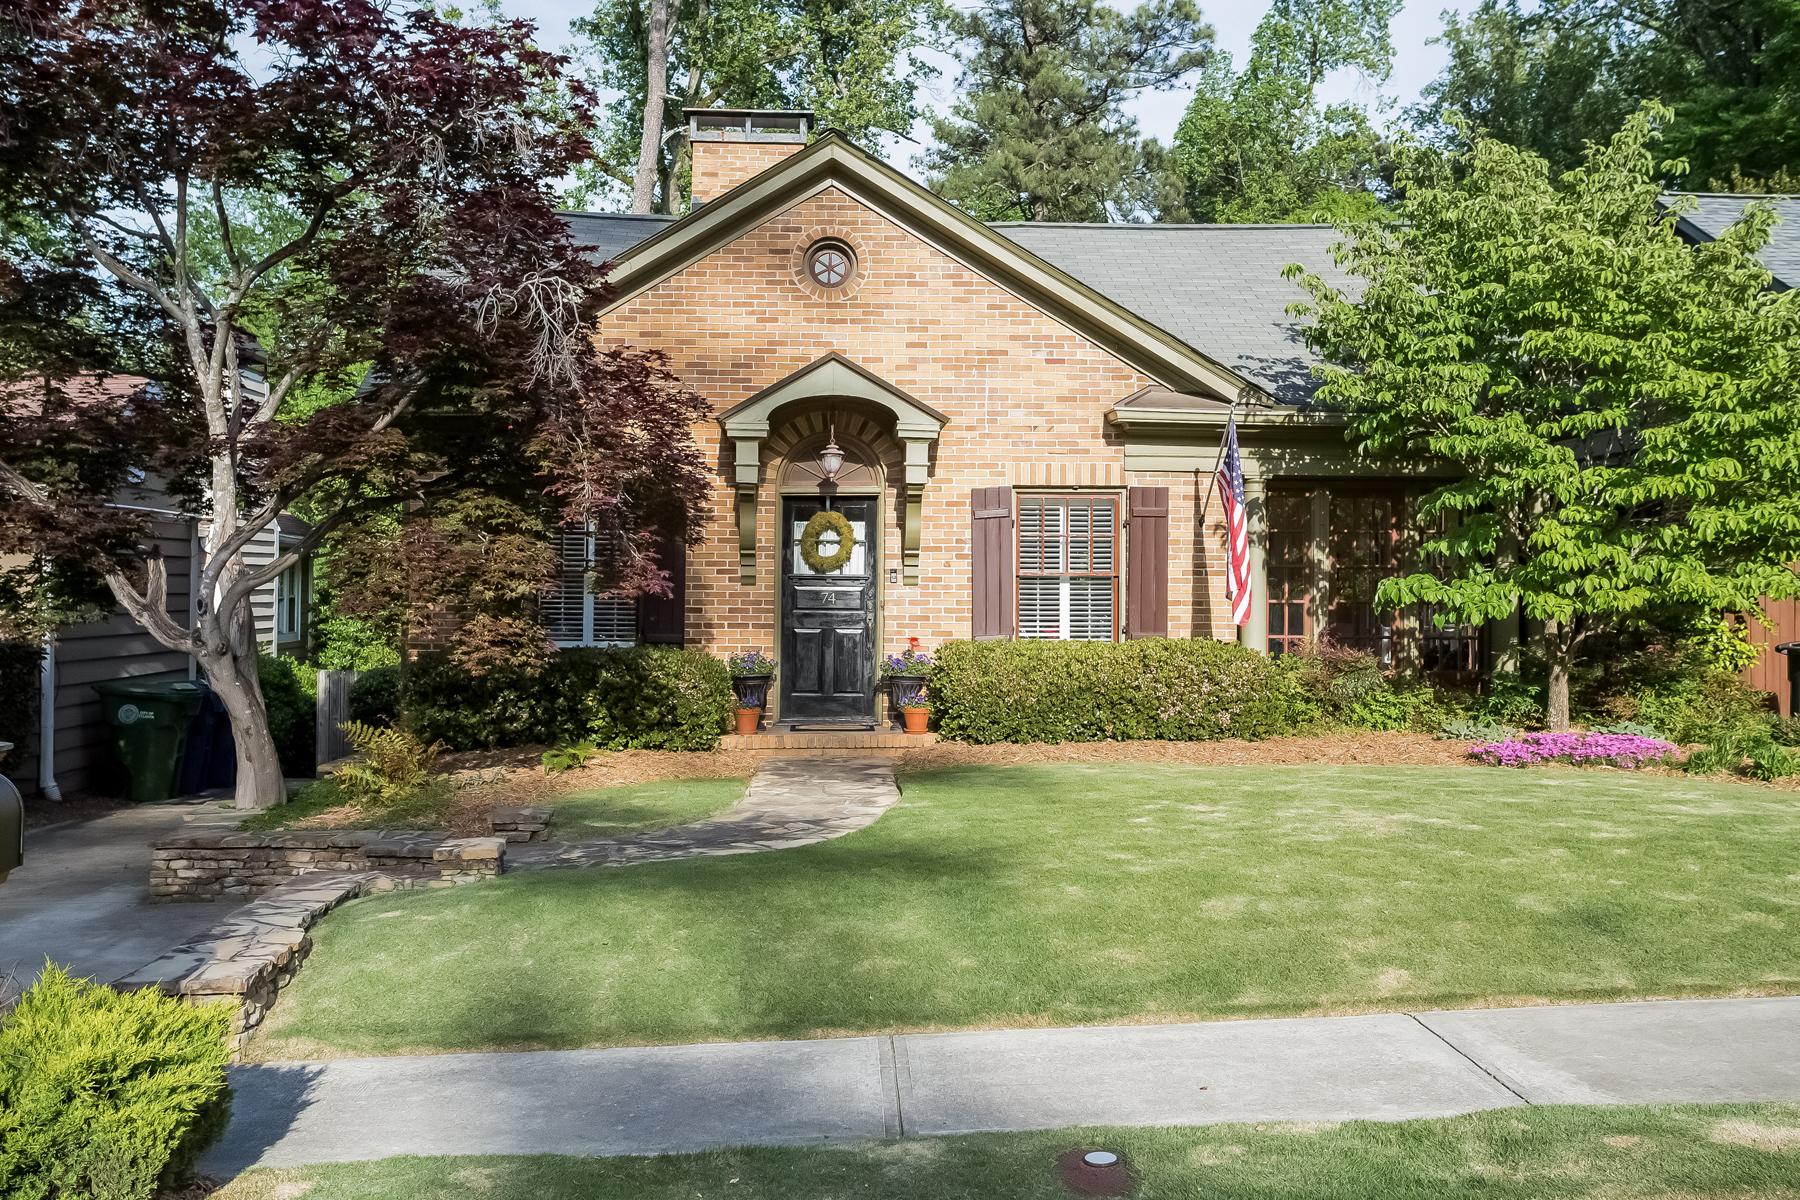 Частный односемейный дом для того Продажа на Charming Buckhead Bungalow 74 Park Circle NE Peachtree Park, Atlanta, Джорджия, 30305 Соединенные Штаты